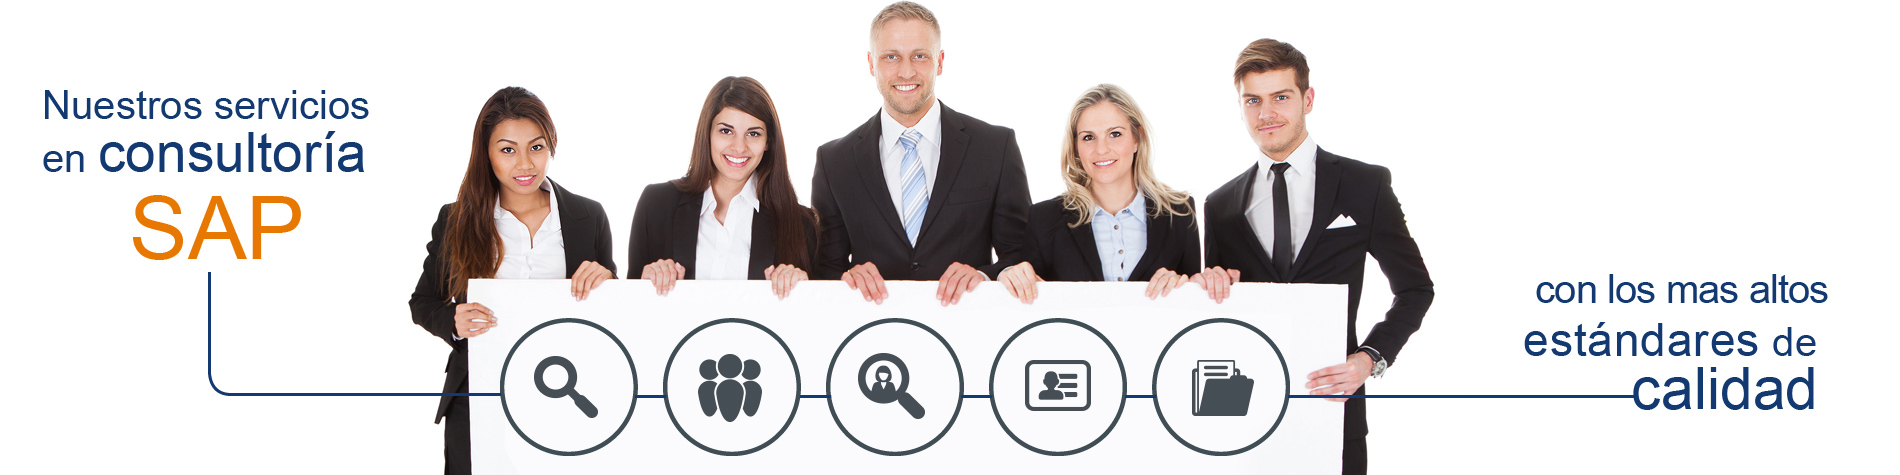 servicios SAP